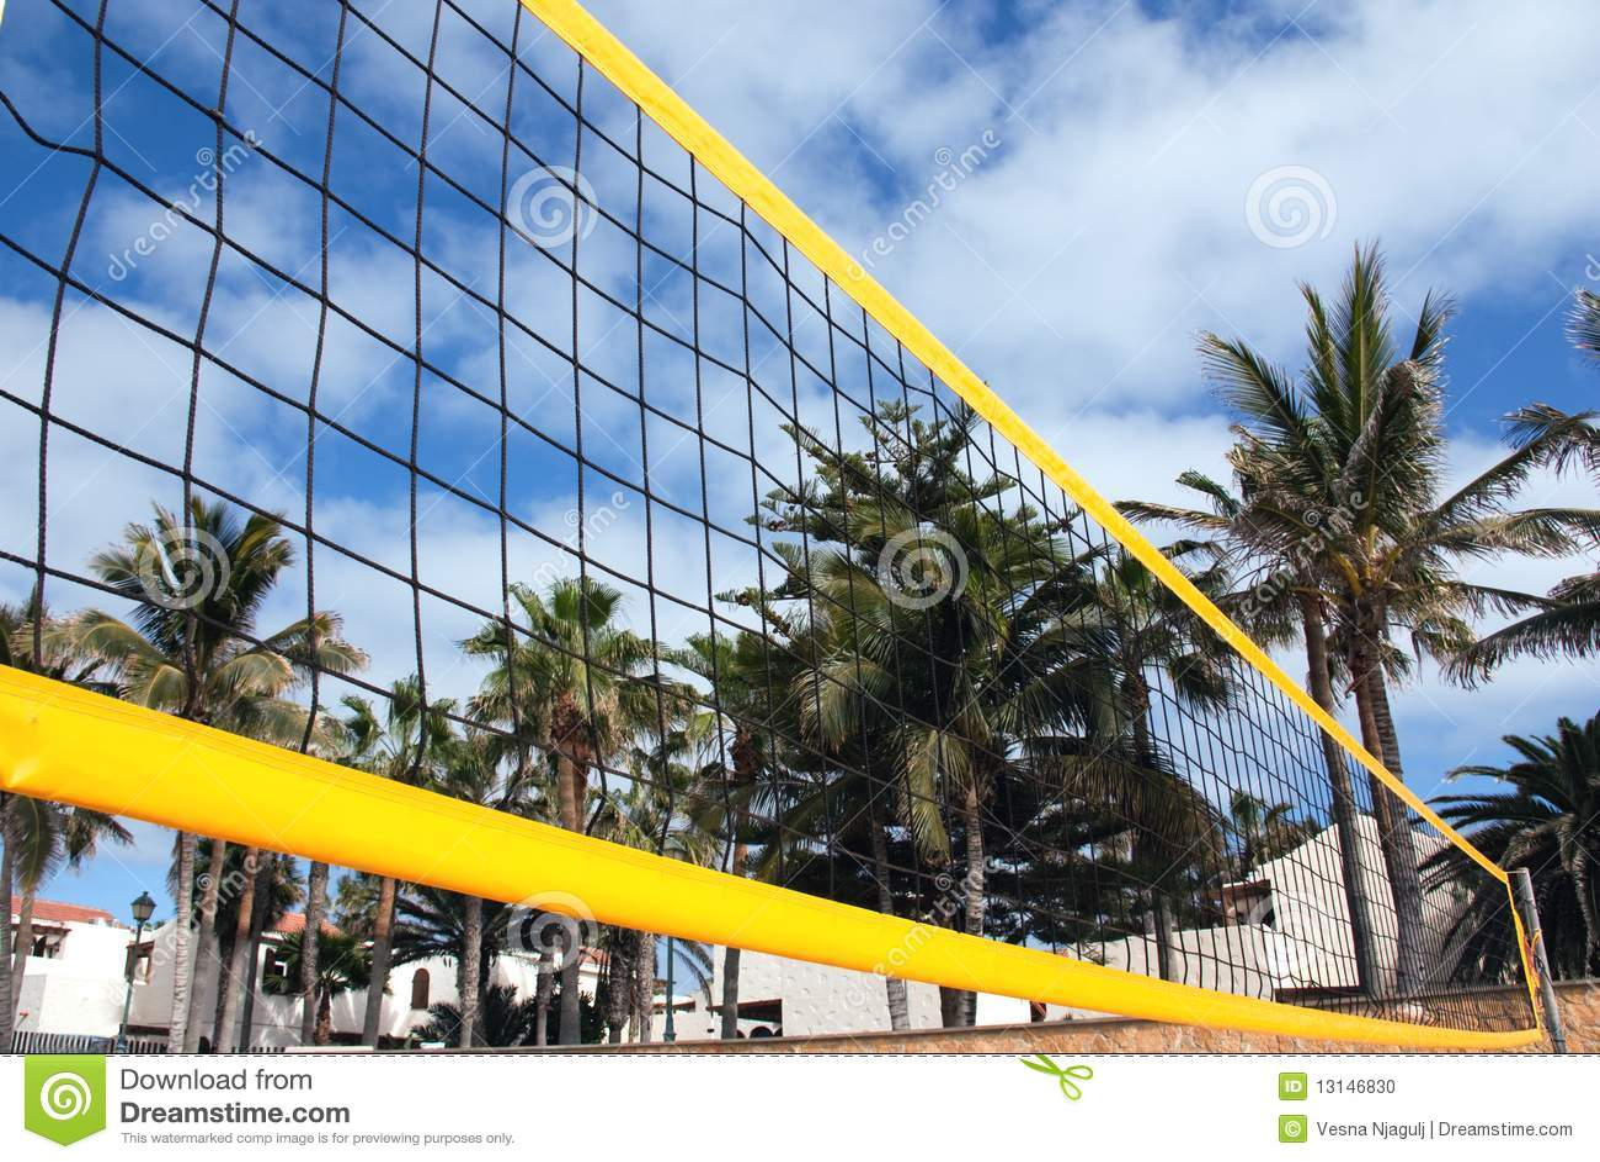 海滩净排球